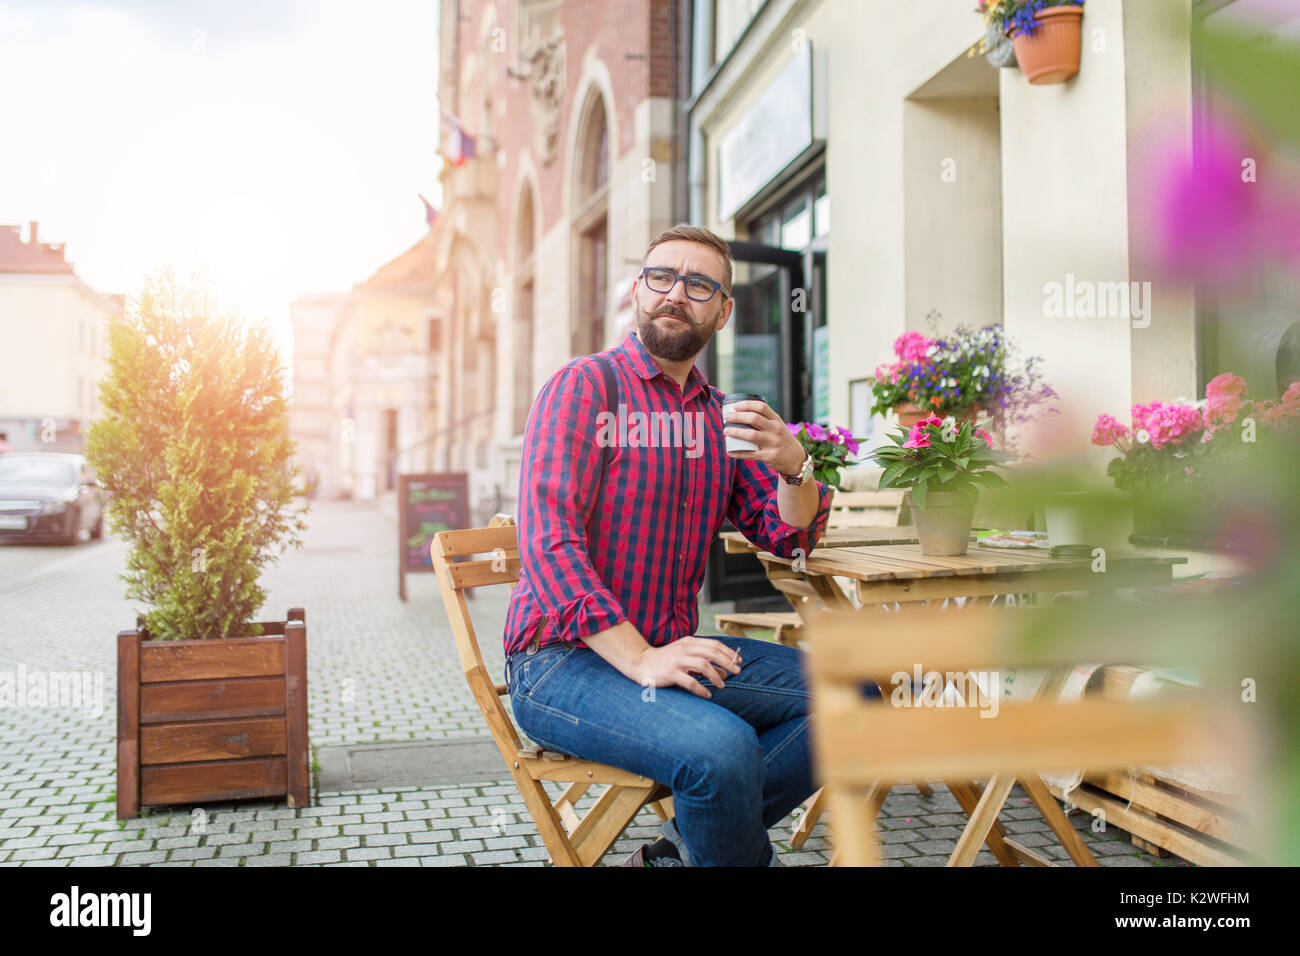 Hombre sentado en el café jardín y beber café para llevar Imagen De Stock